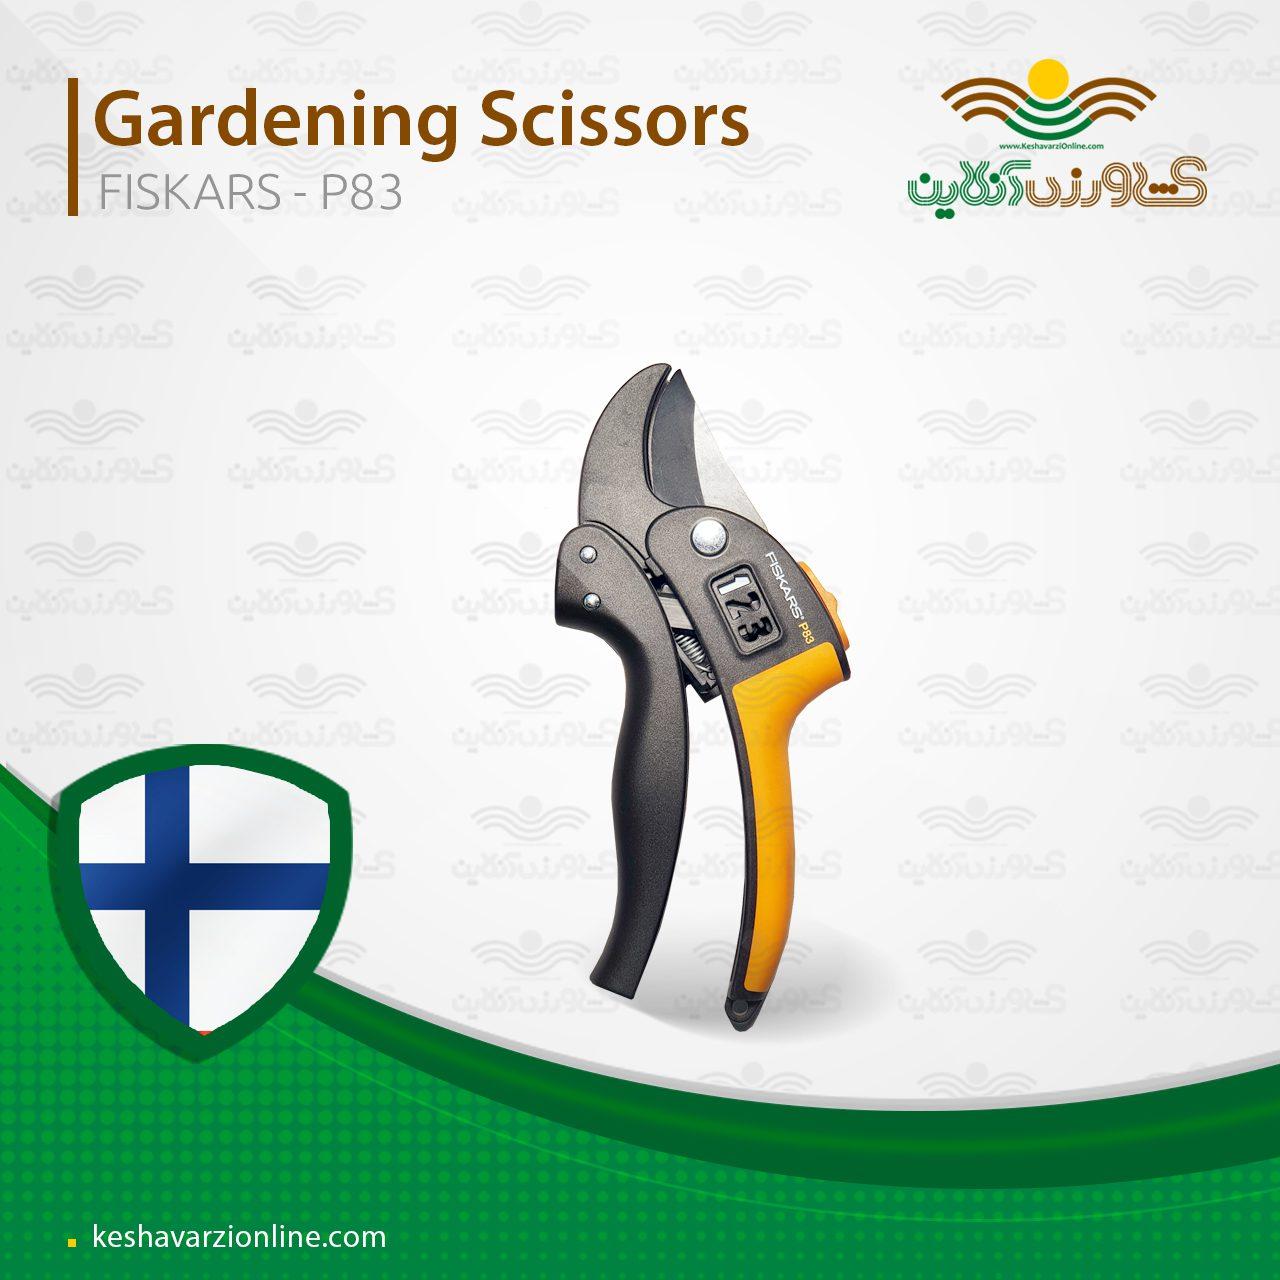 قیچی هرس و باغبانی حرفه ای فیسکارس